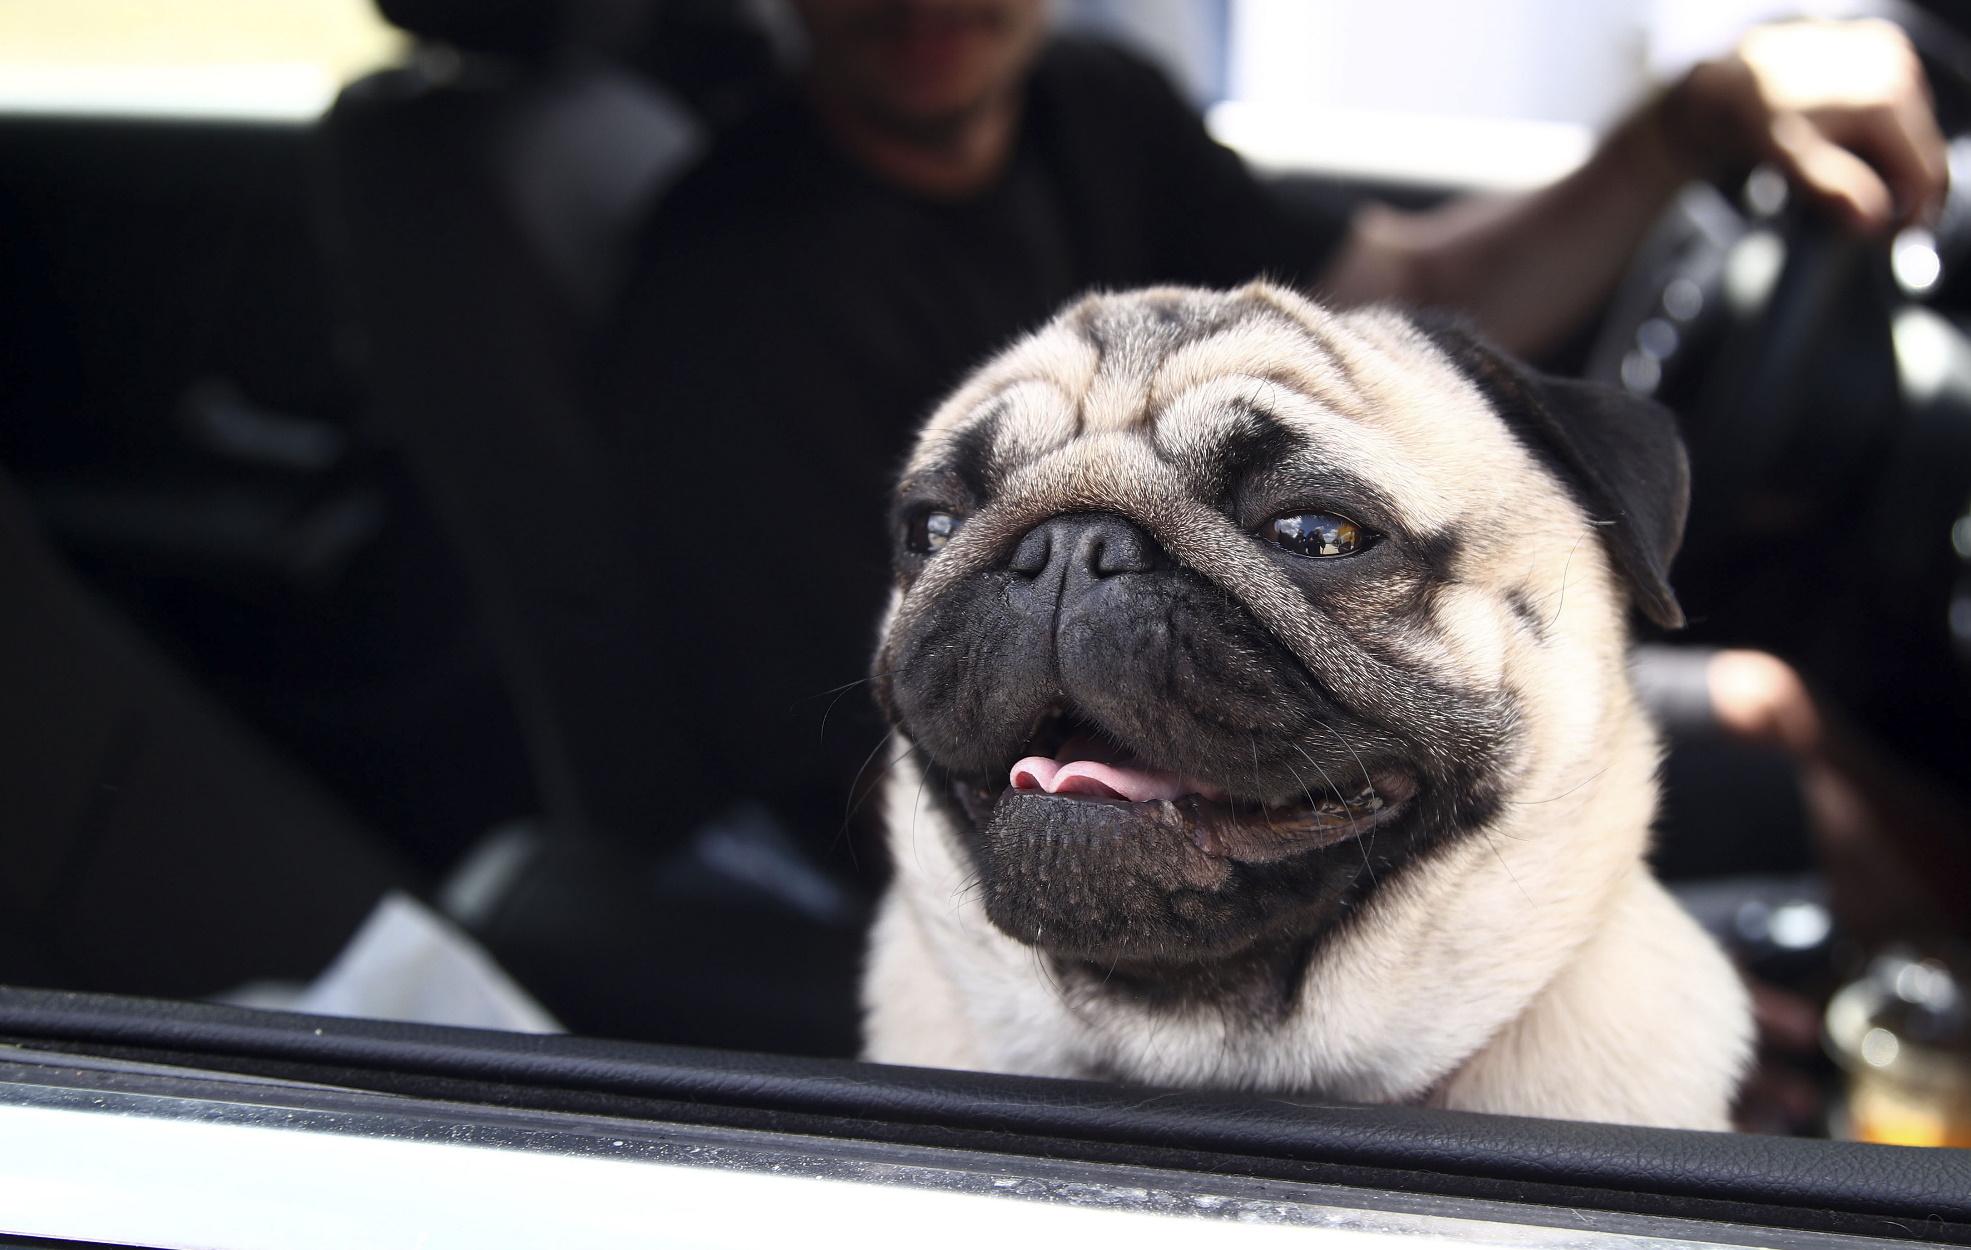 Προσοχή: Ποιοι σκύλοι κινδυνεύουν περισσότερο να πάθουν θερμοπληξία το καλοκαίρι!